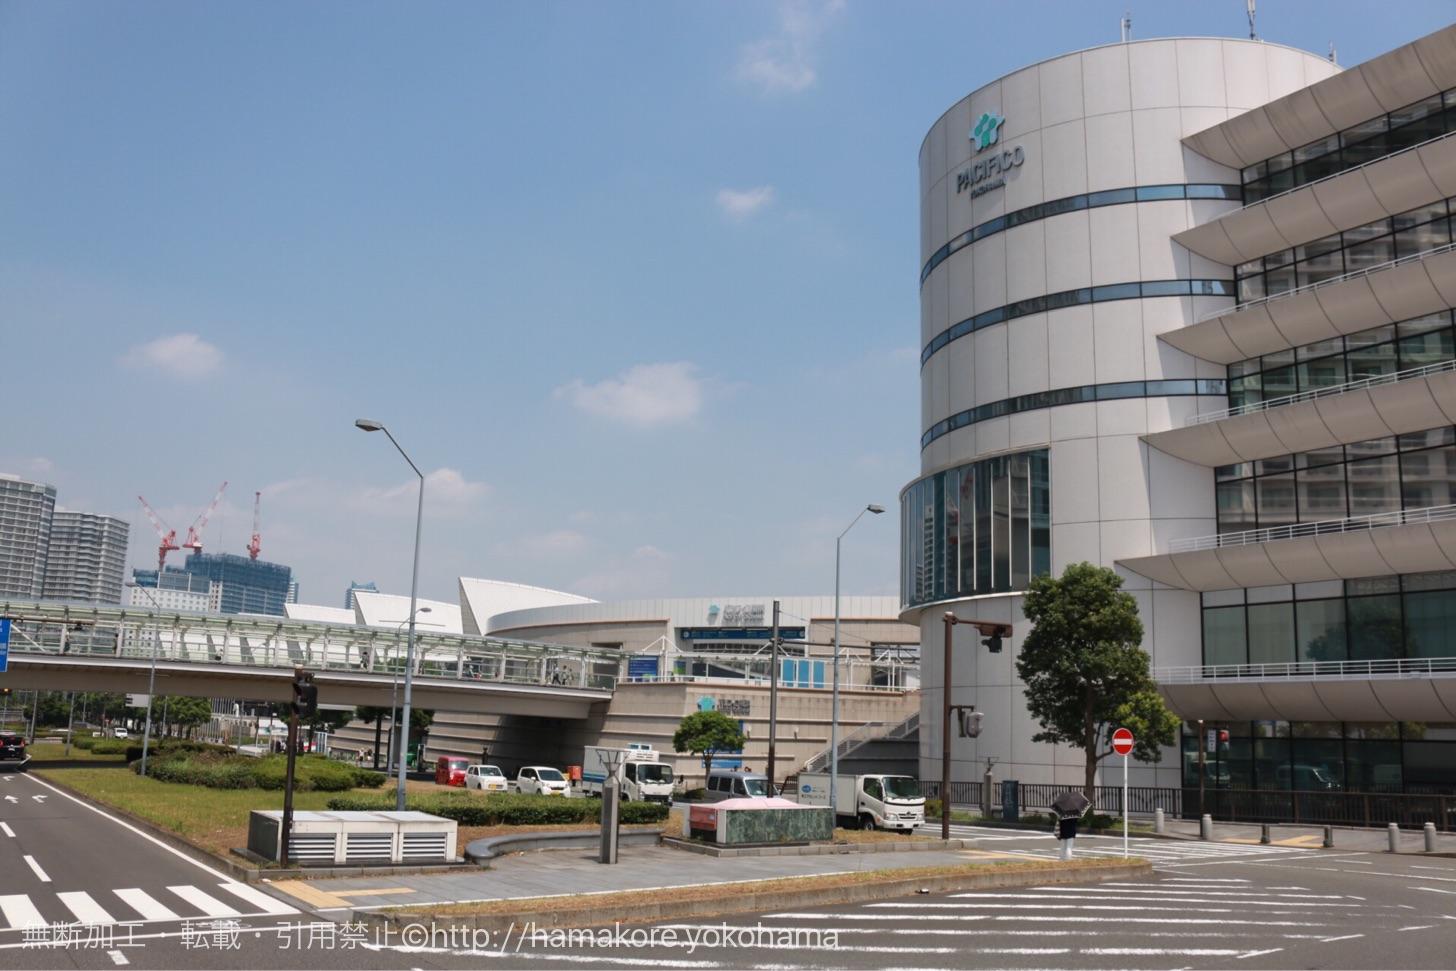 水陸両用バス「スカイダック」から見たパシフィコ横浜